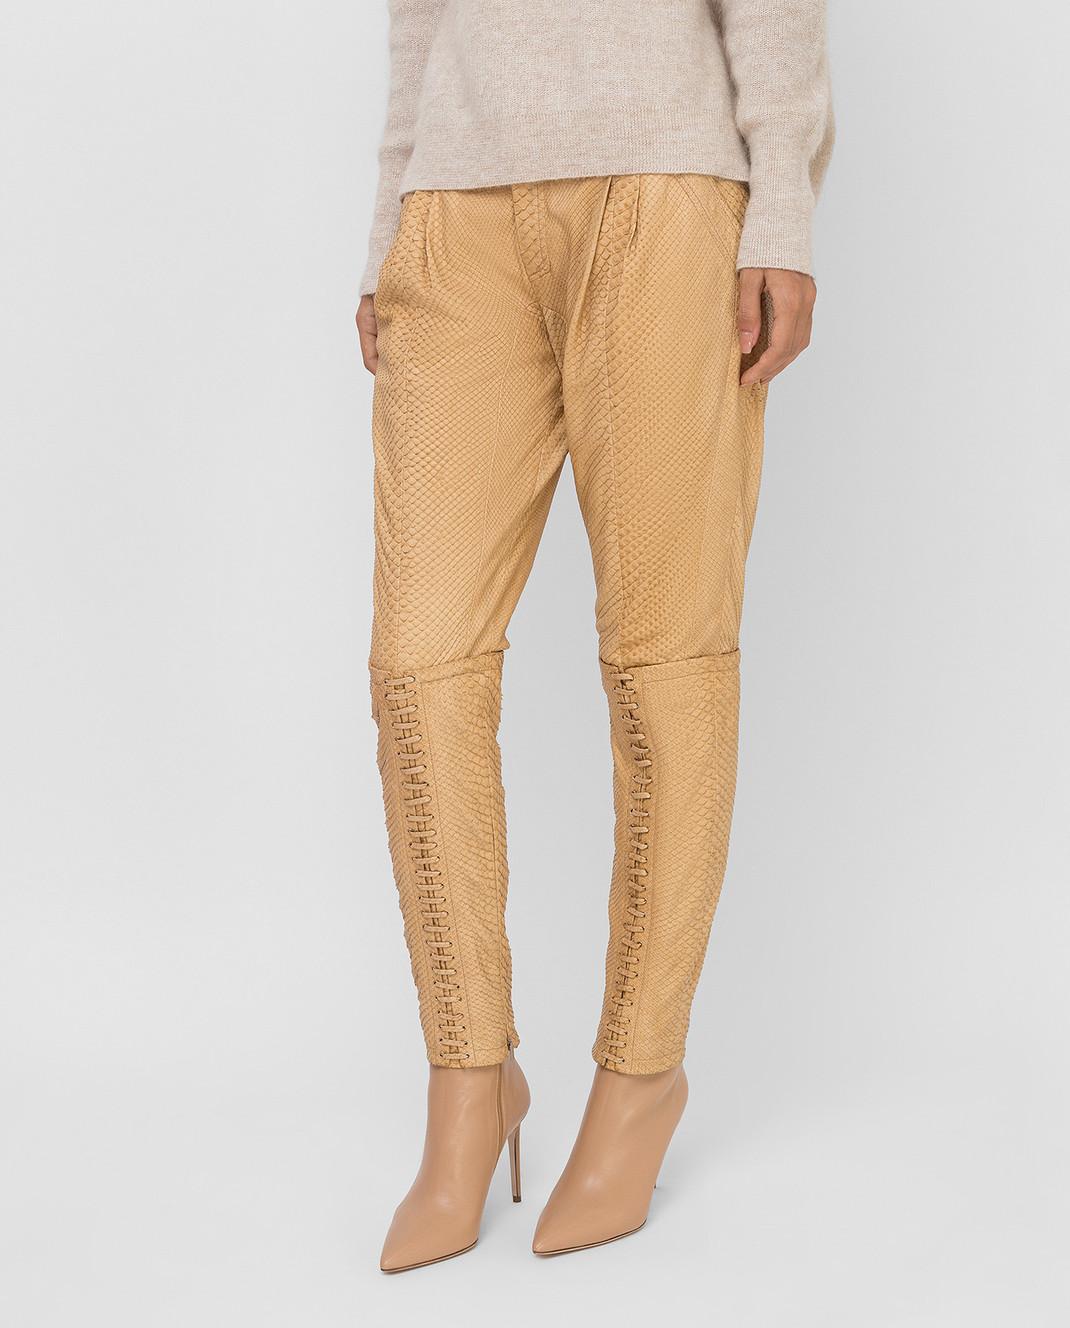 Gucci Бежевые брюки из кожи питона 264366 изображение 3